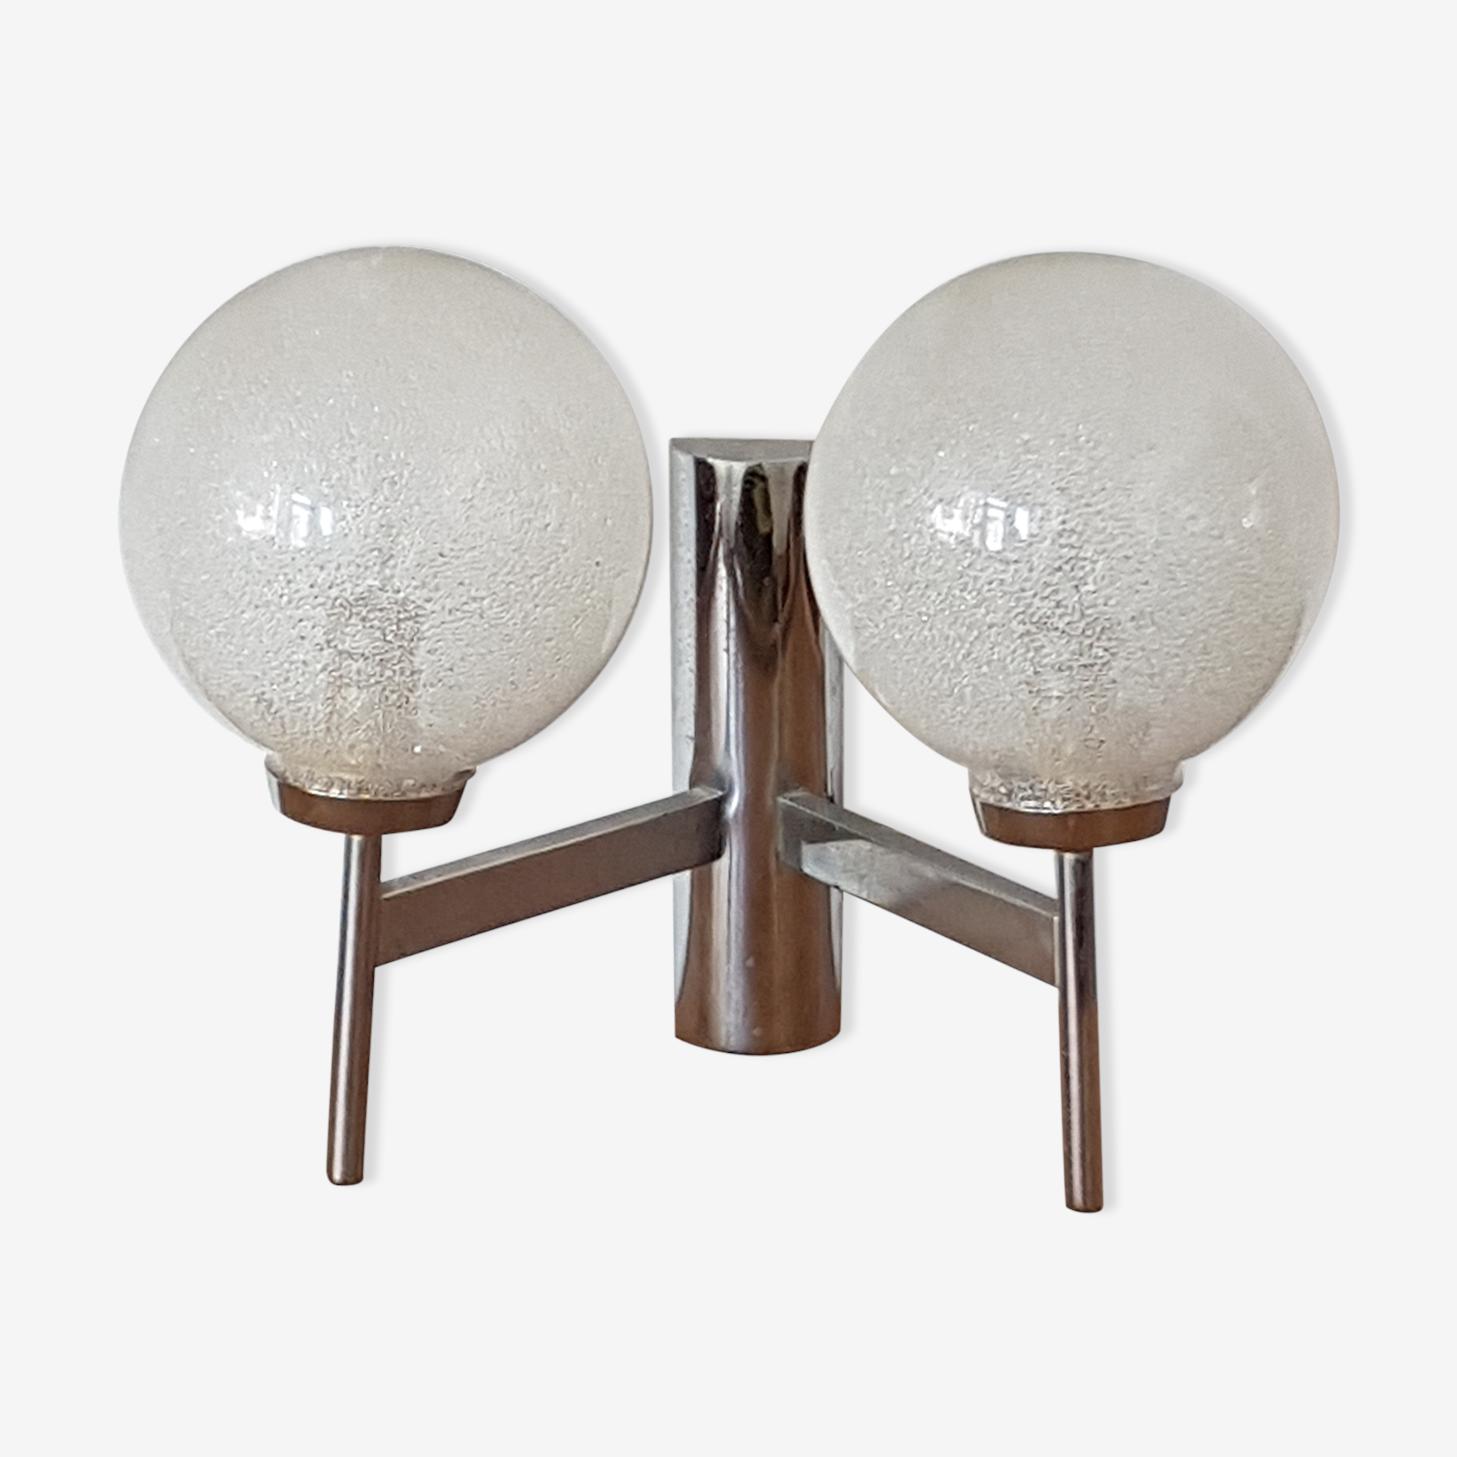 Applique en métal chromé, globe en verre 1970